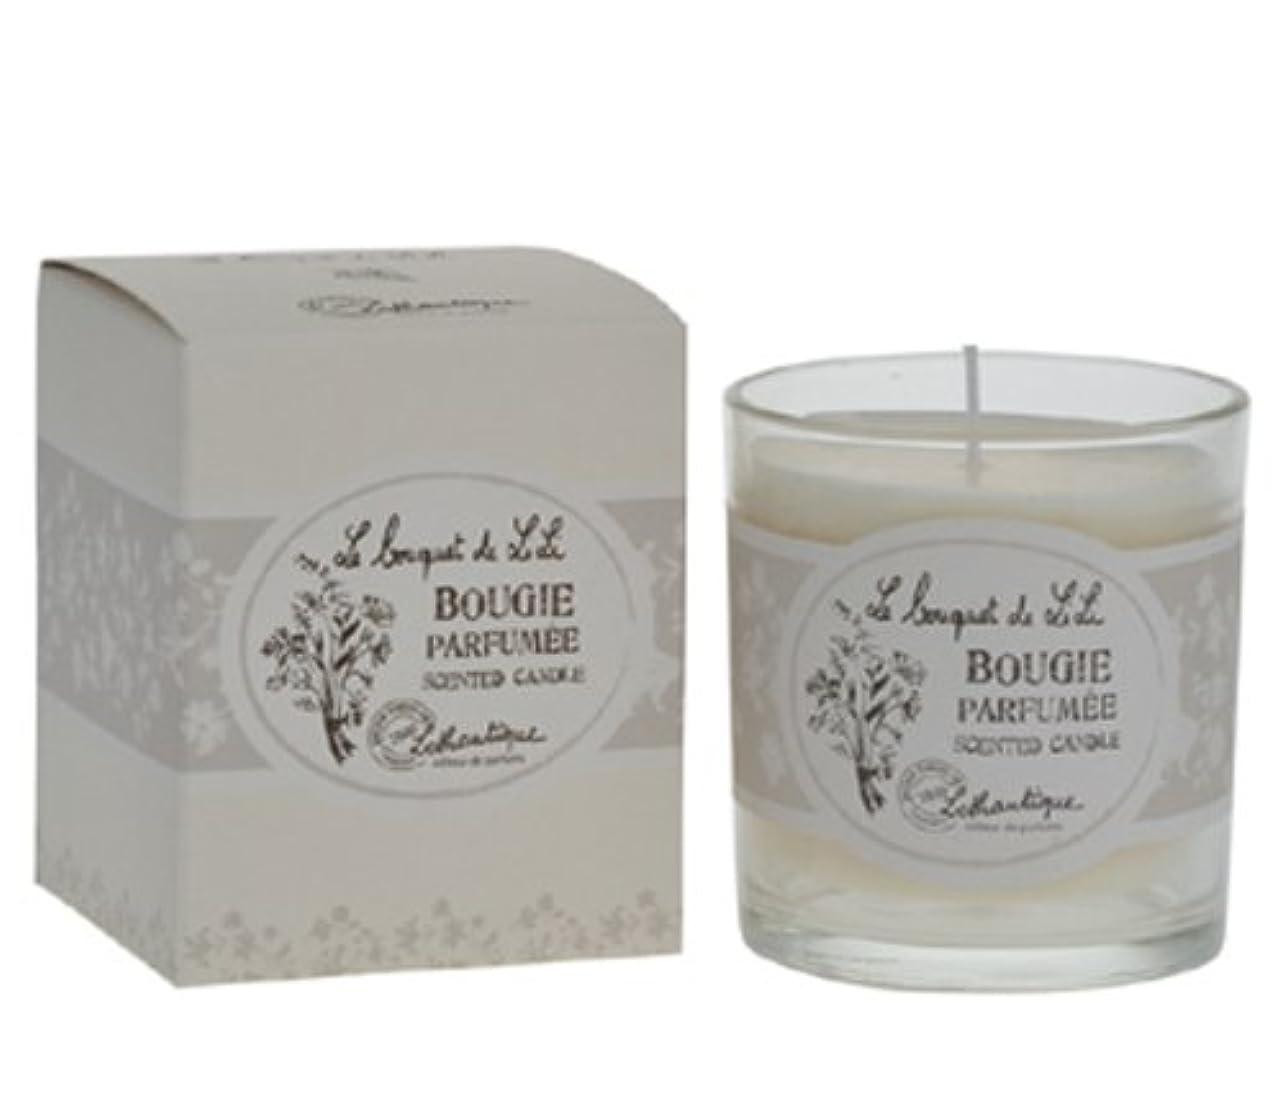 融合眉をひそめるサンダーLothantique(ロタンティック) Le bouquet de LiLi(ブーケドゥリリシリーズ) キャンドル 140g 3420070029065